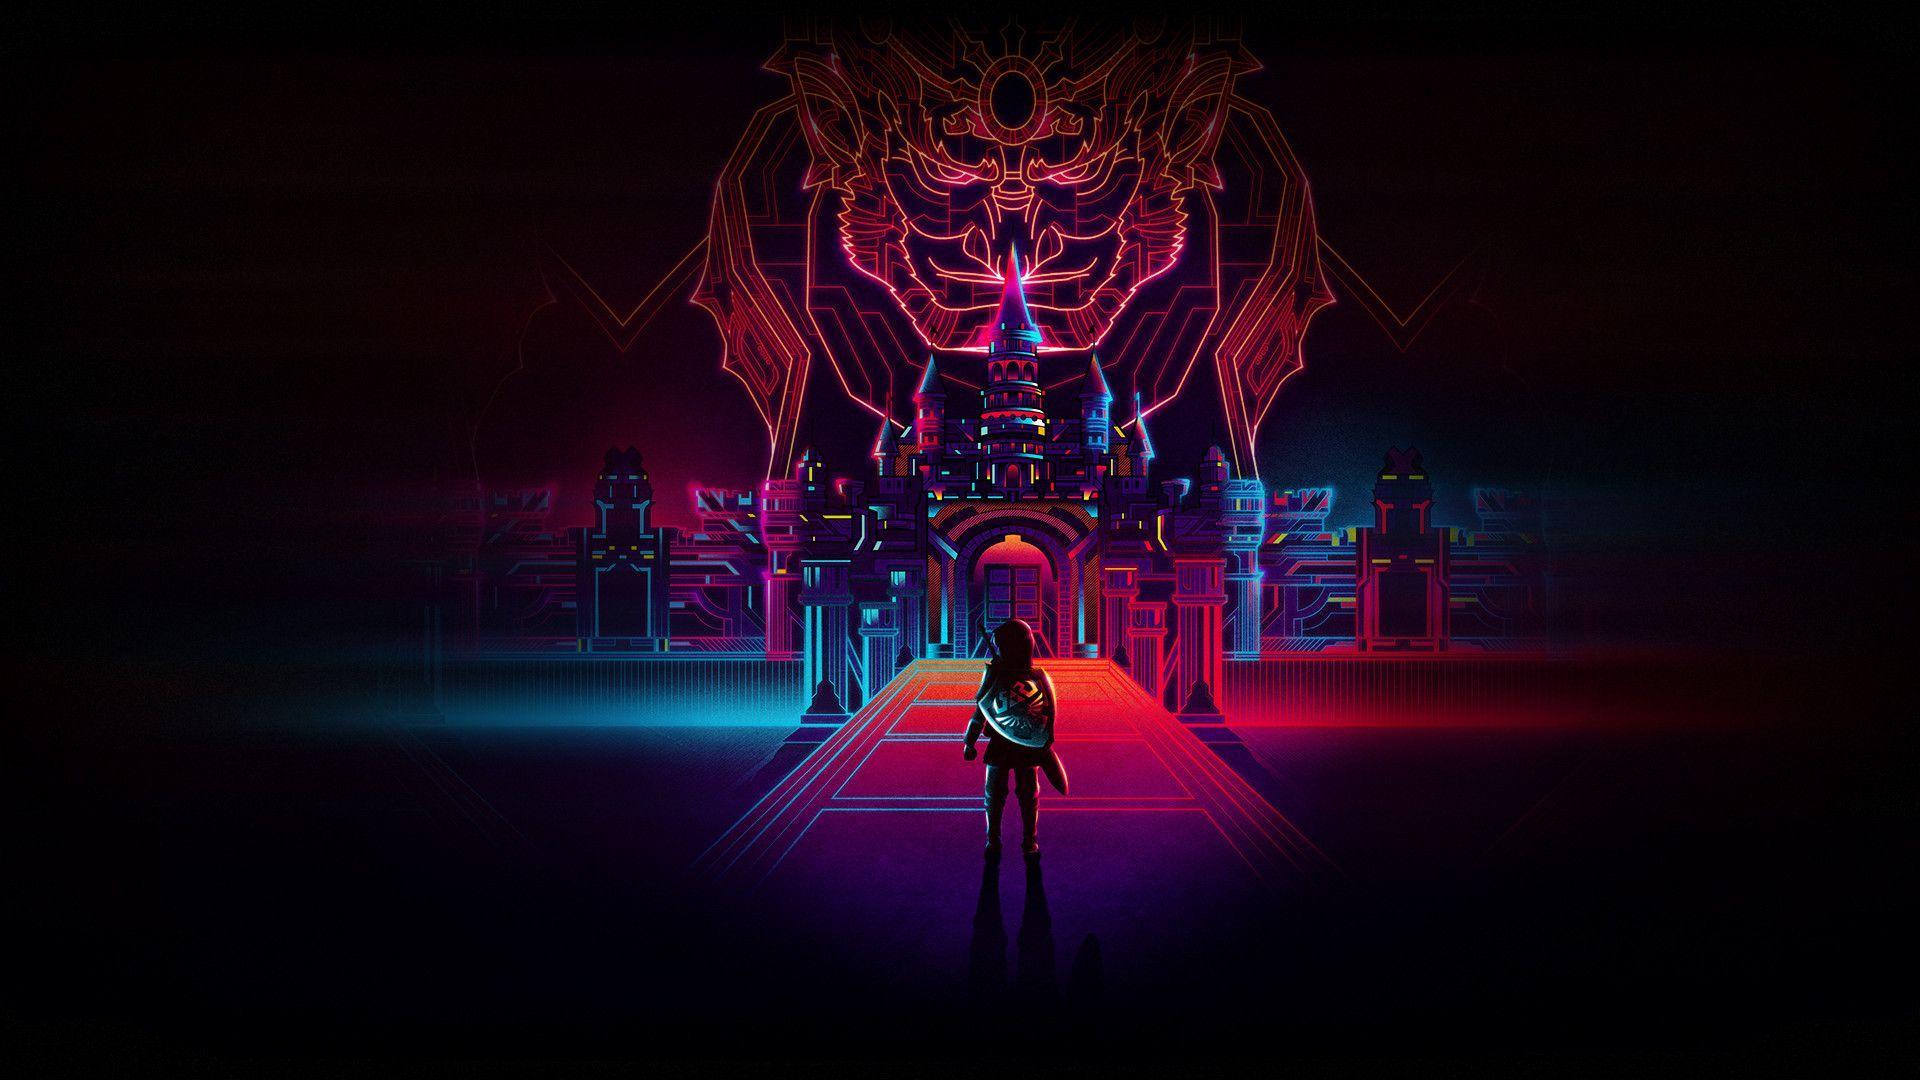 Retro Zelda Wallpapers - Wallpaper Cave